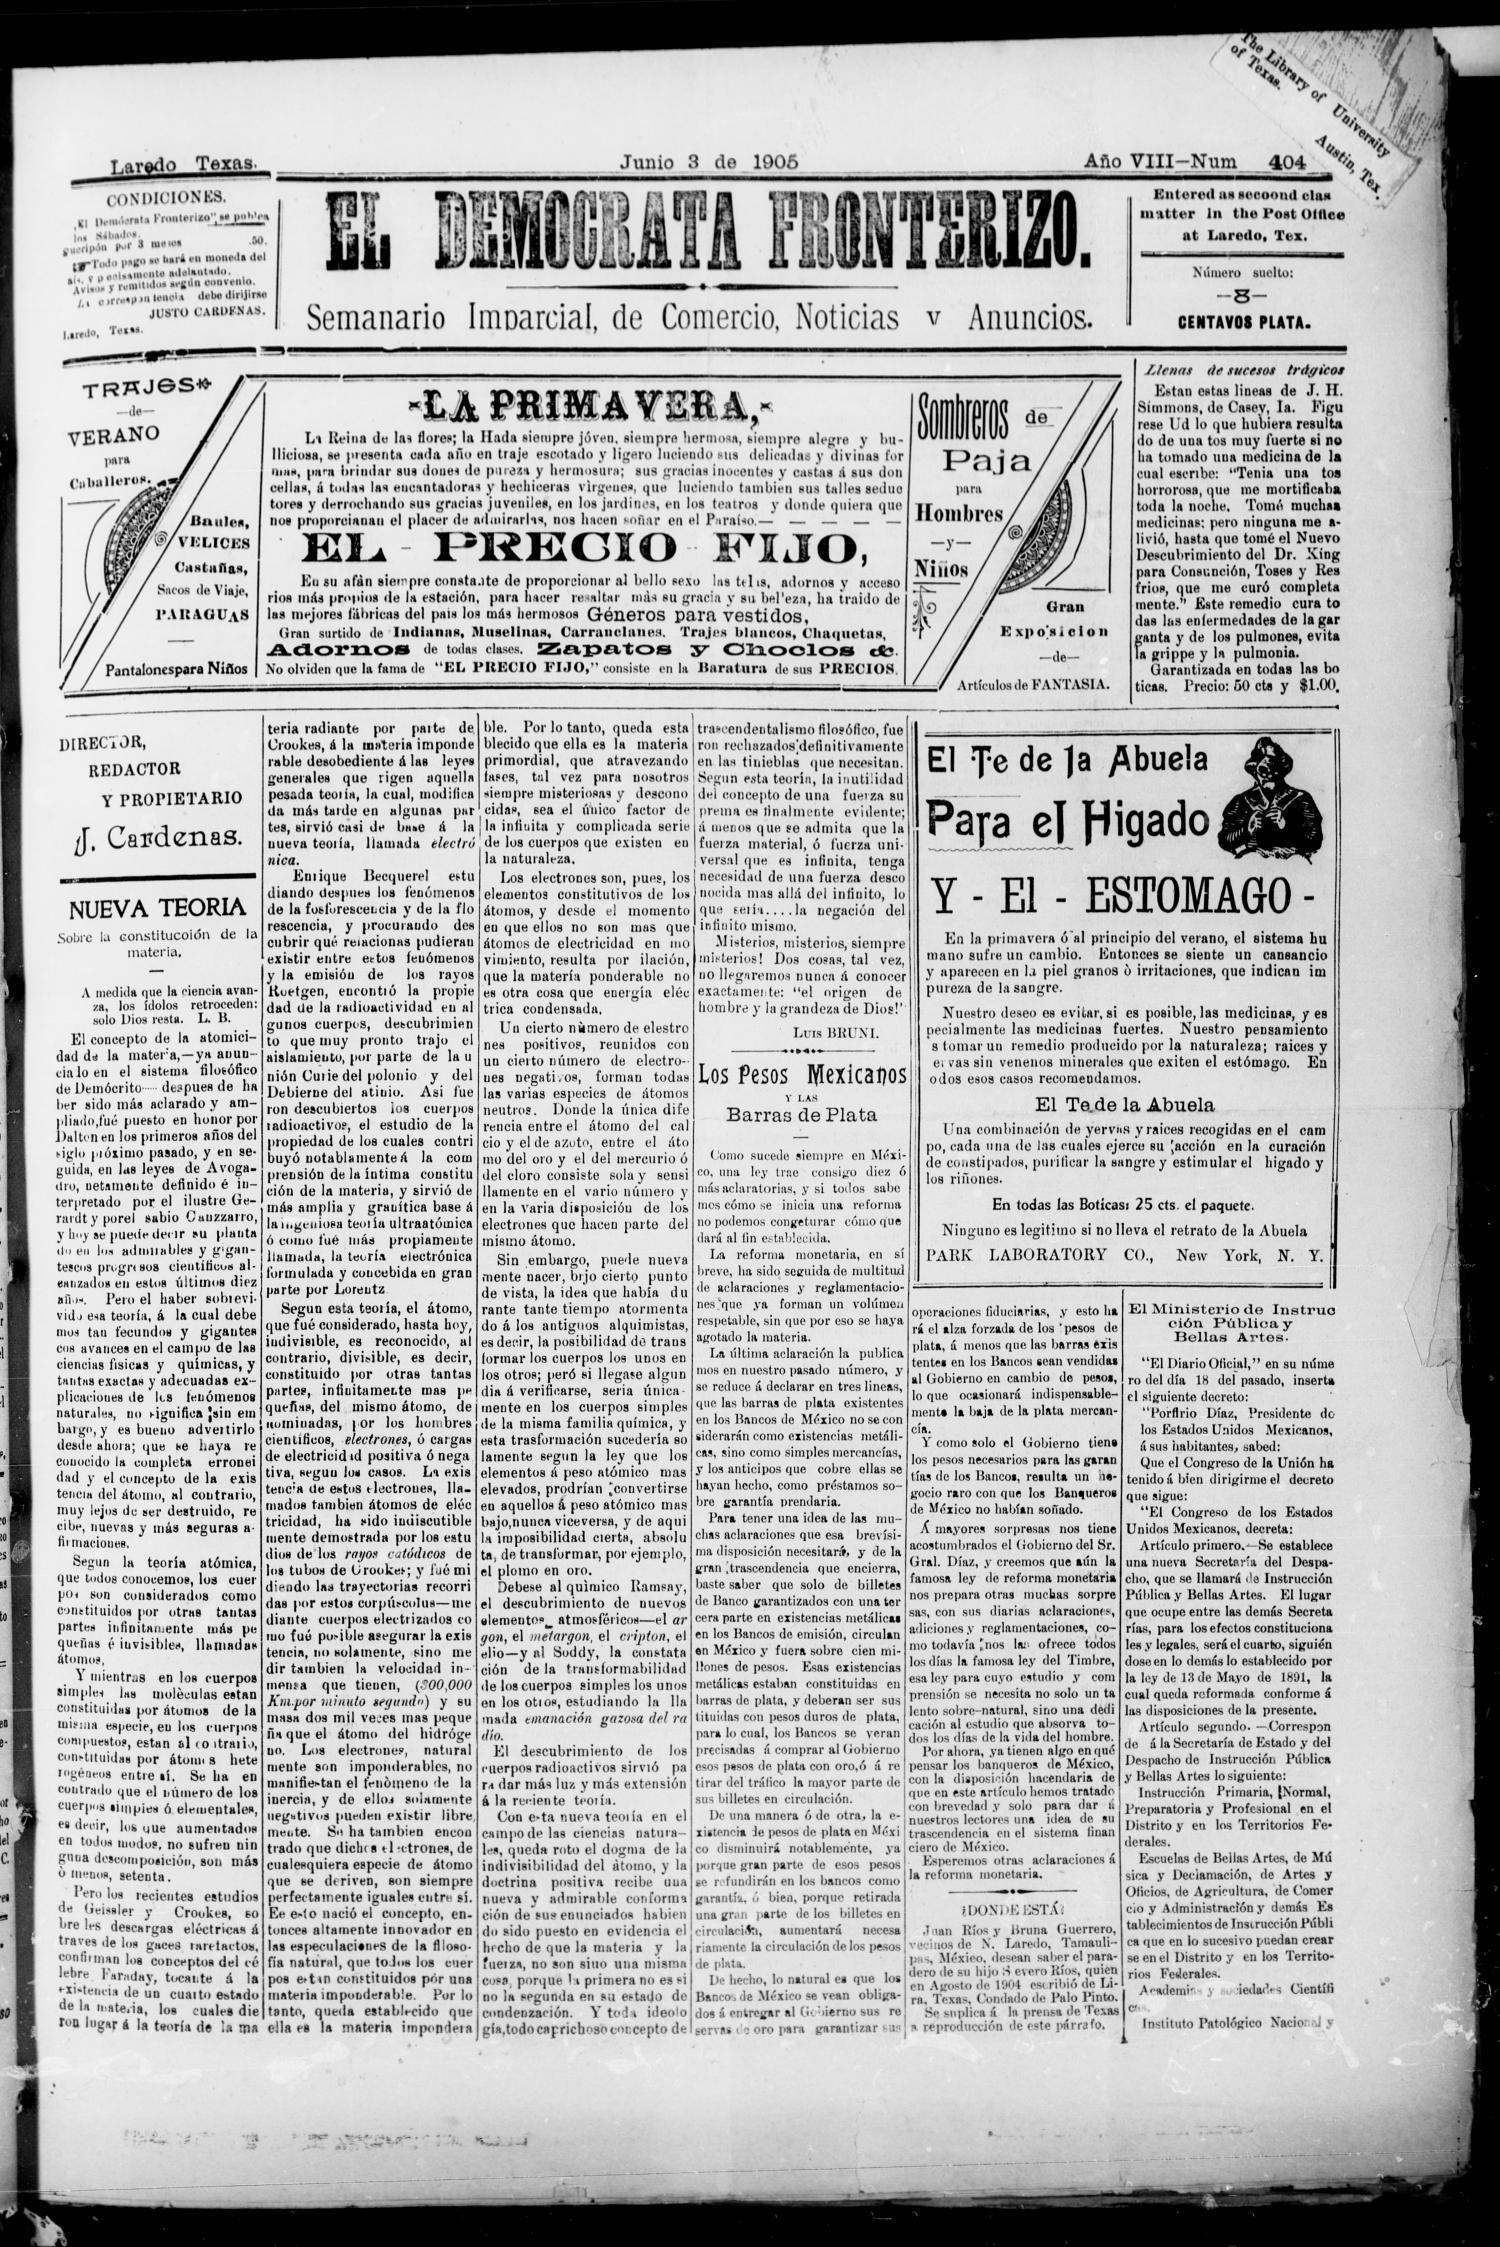 El Democrata Fronterizo Laredo Tex Vol 8 No 404 Ed